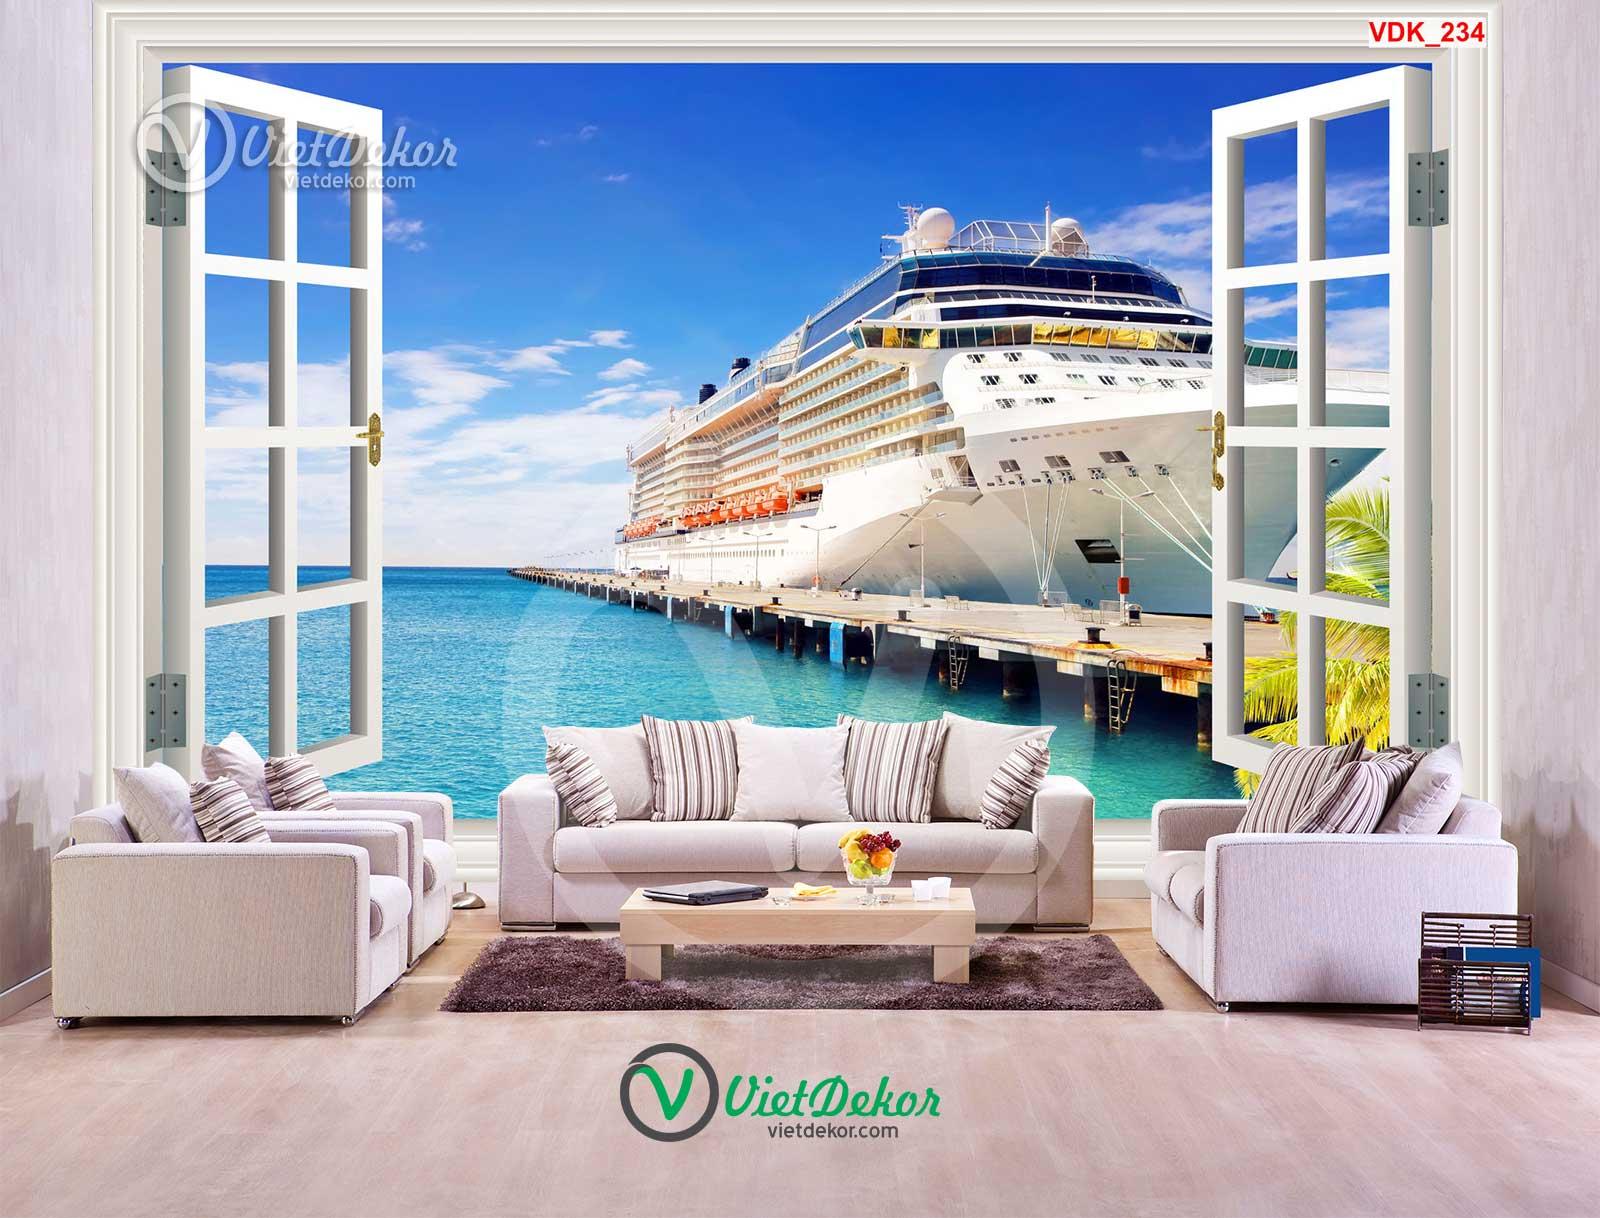 Tranh dán tường 3d cửa sổ biển và con tầu